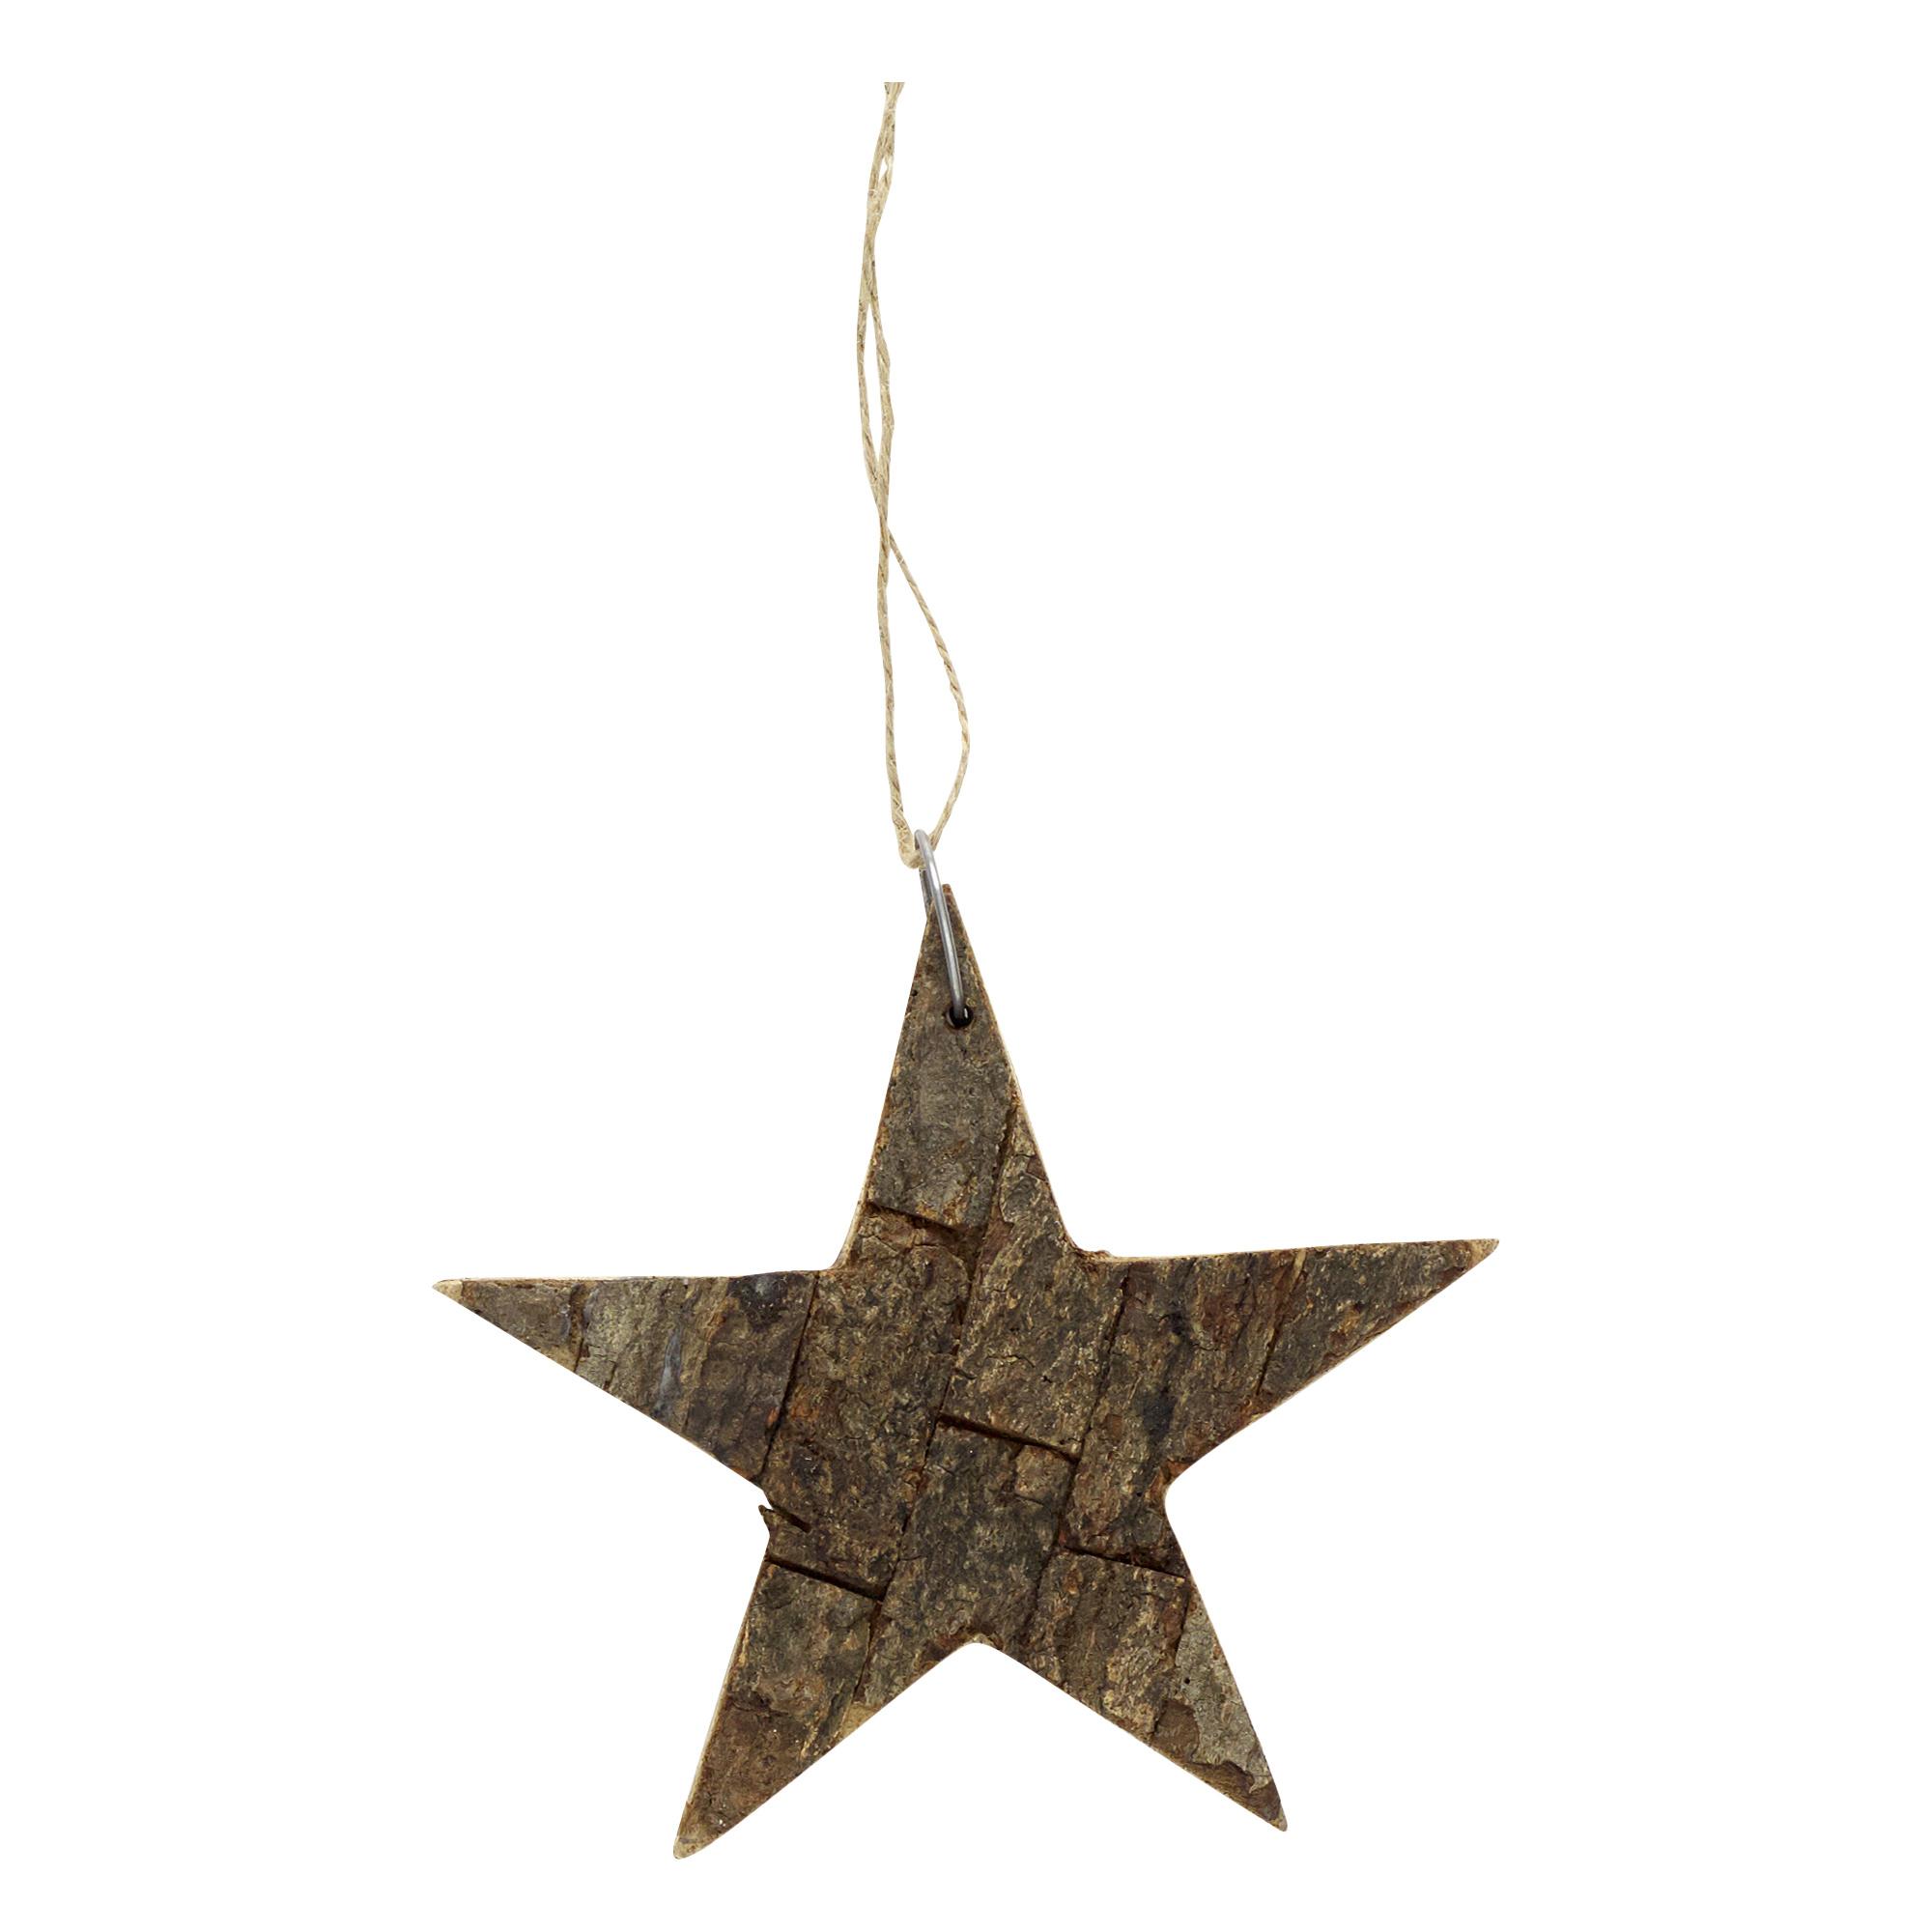 Hubsch Star w / string, hout, natuur, klein-468025-5712772039151